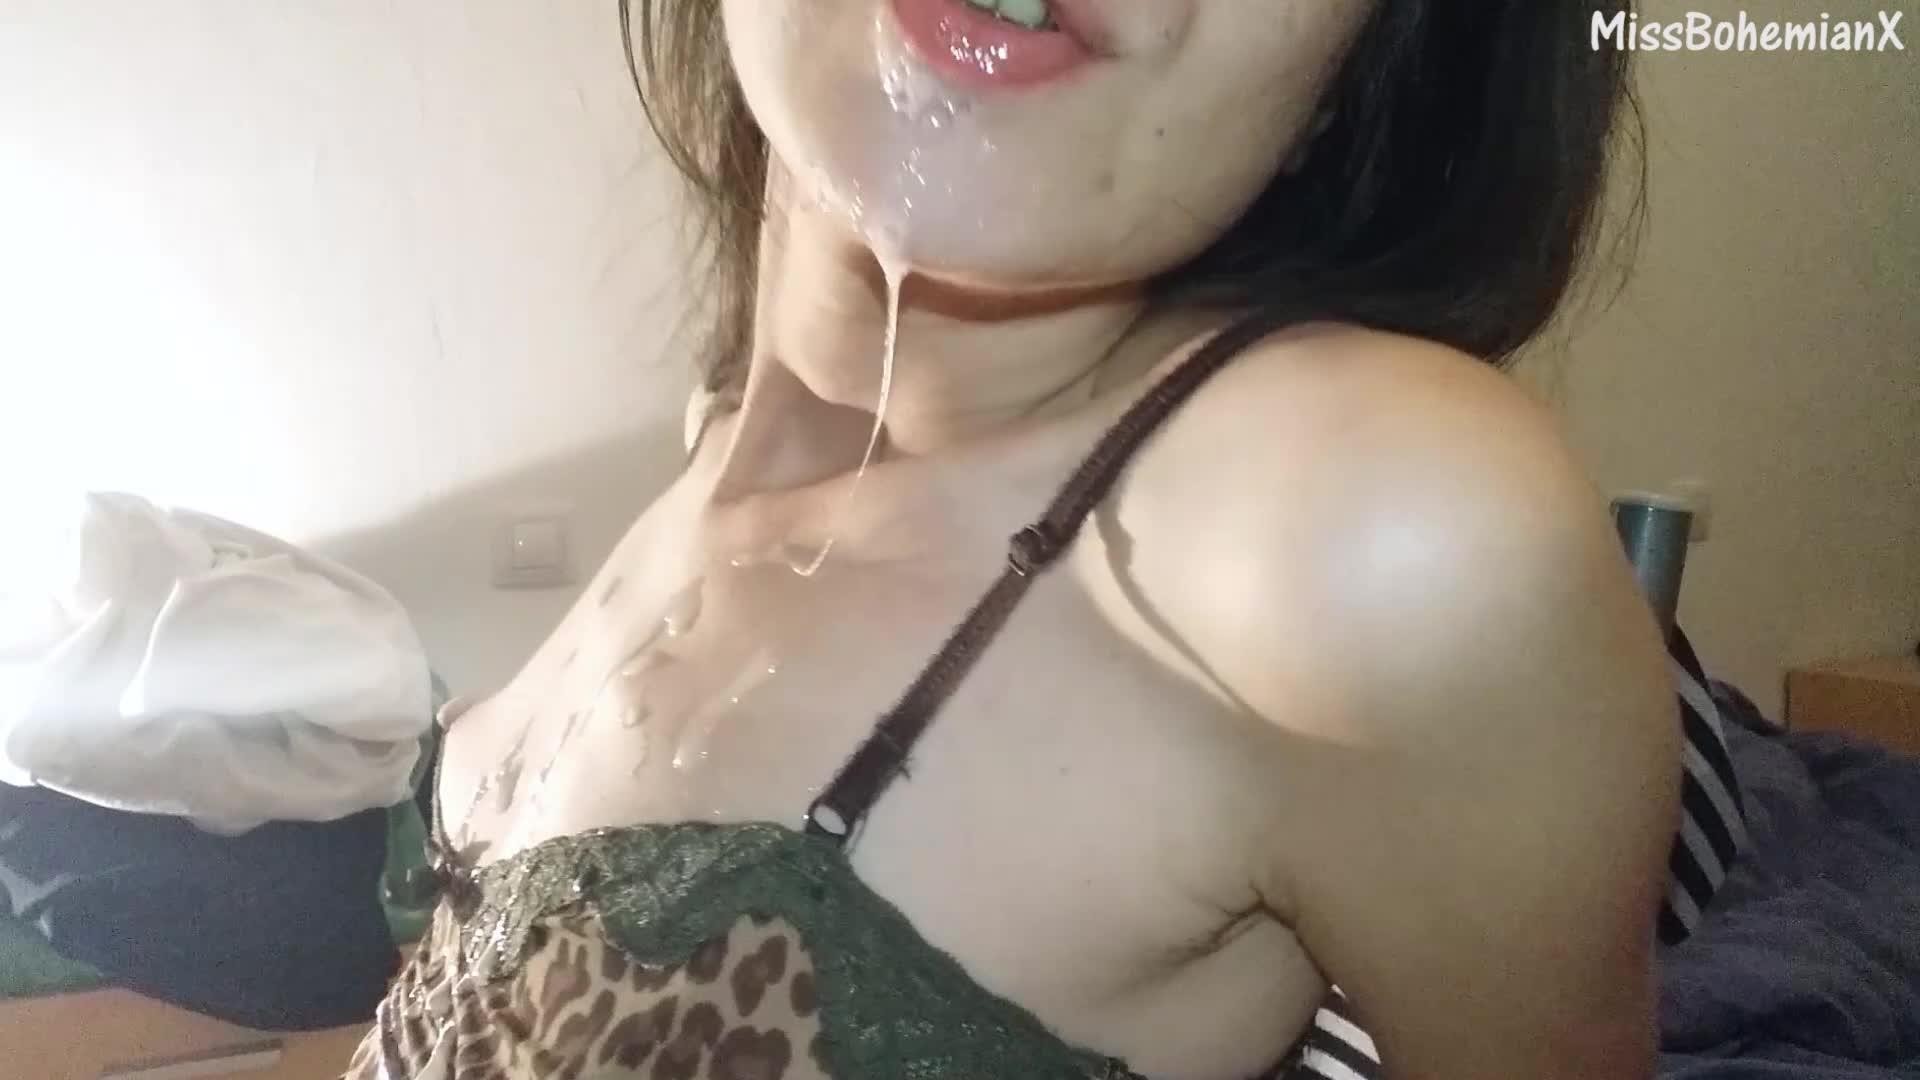 Miss_Bohemian'd vid